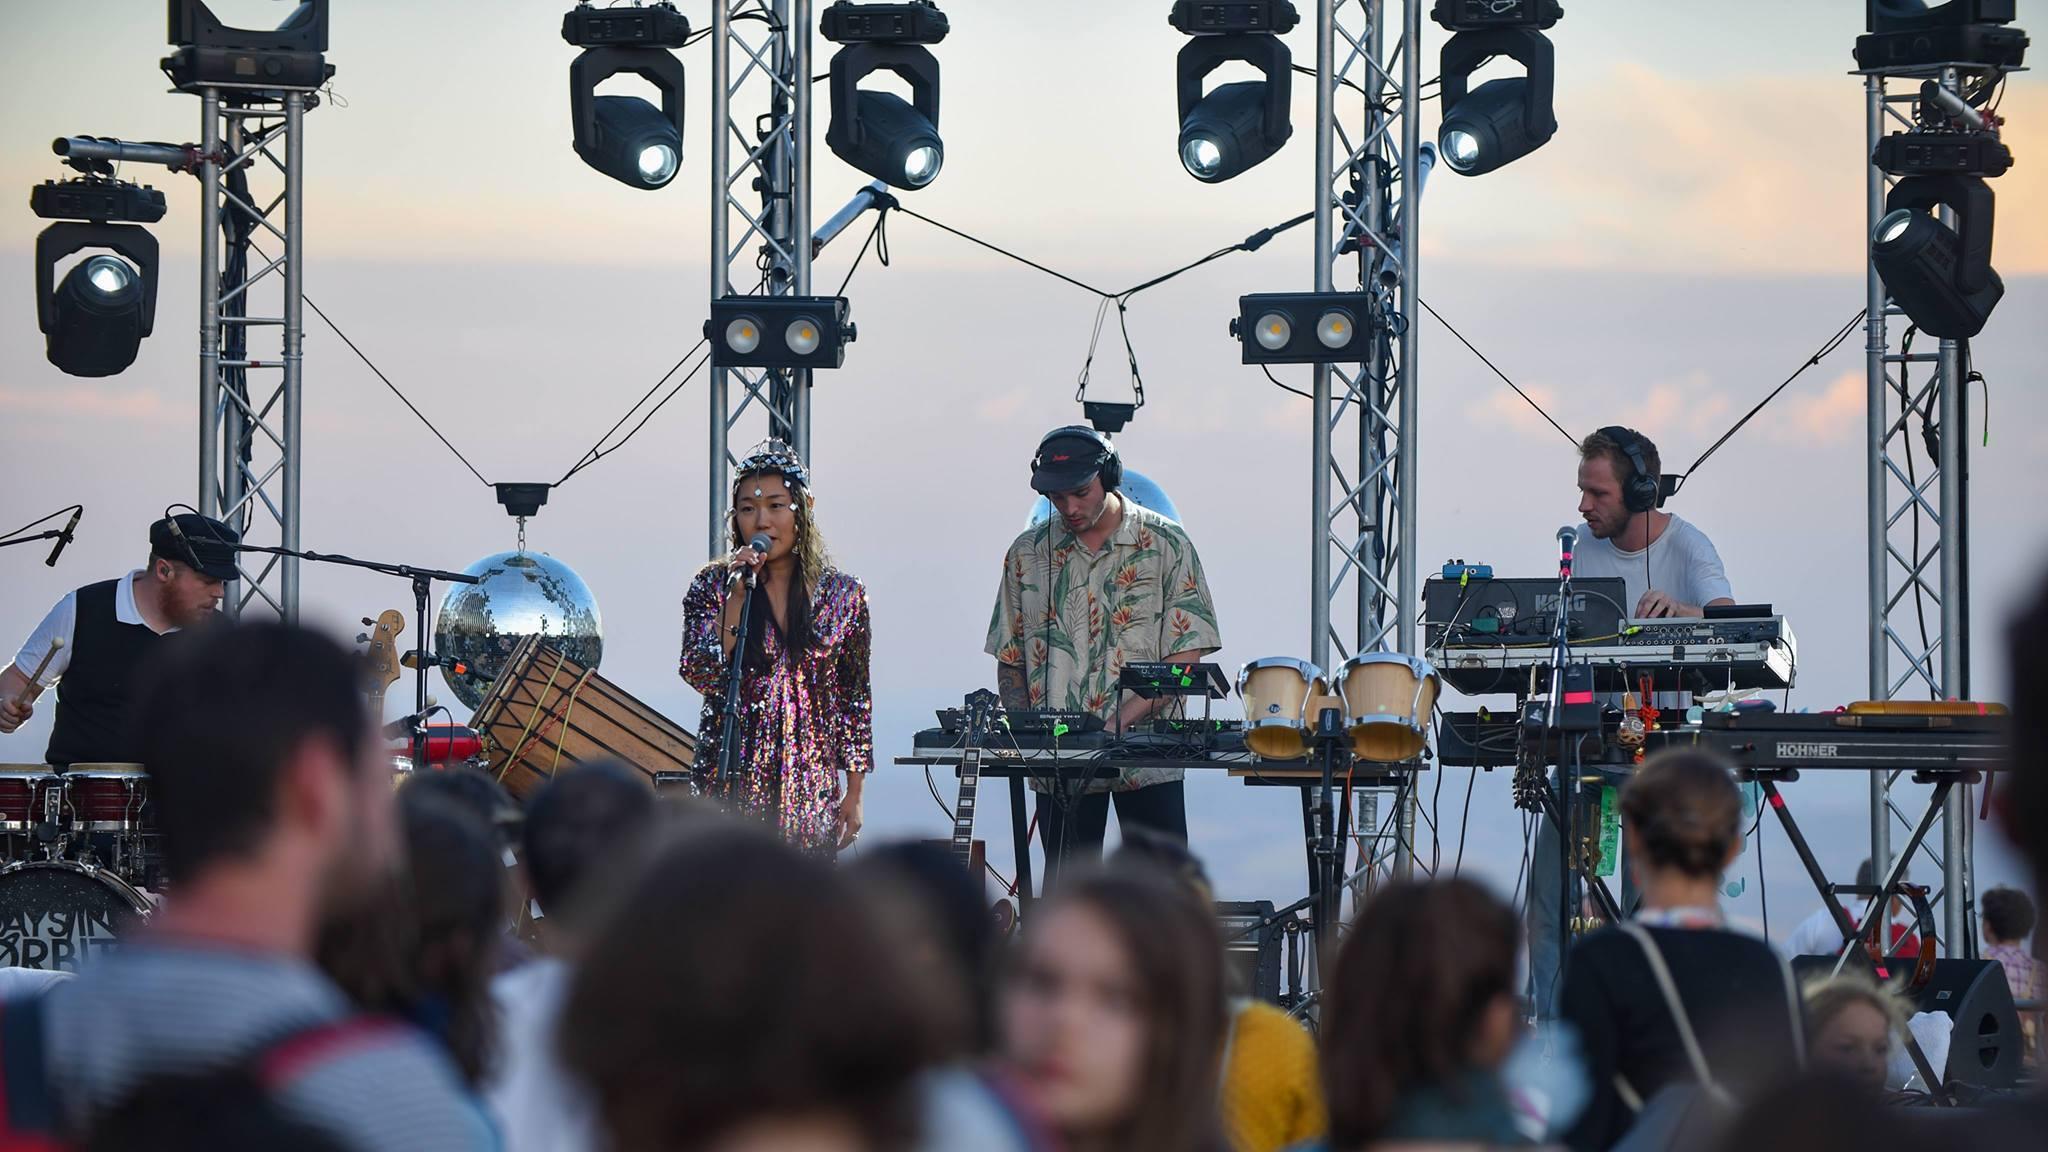 Festival Contours 2019